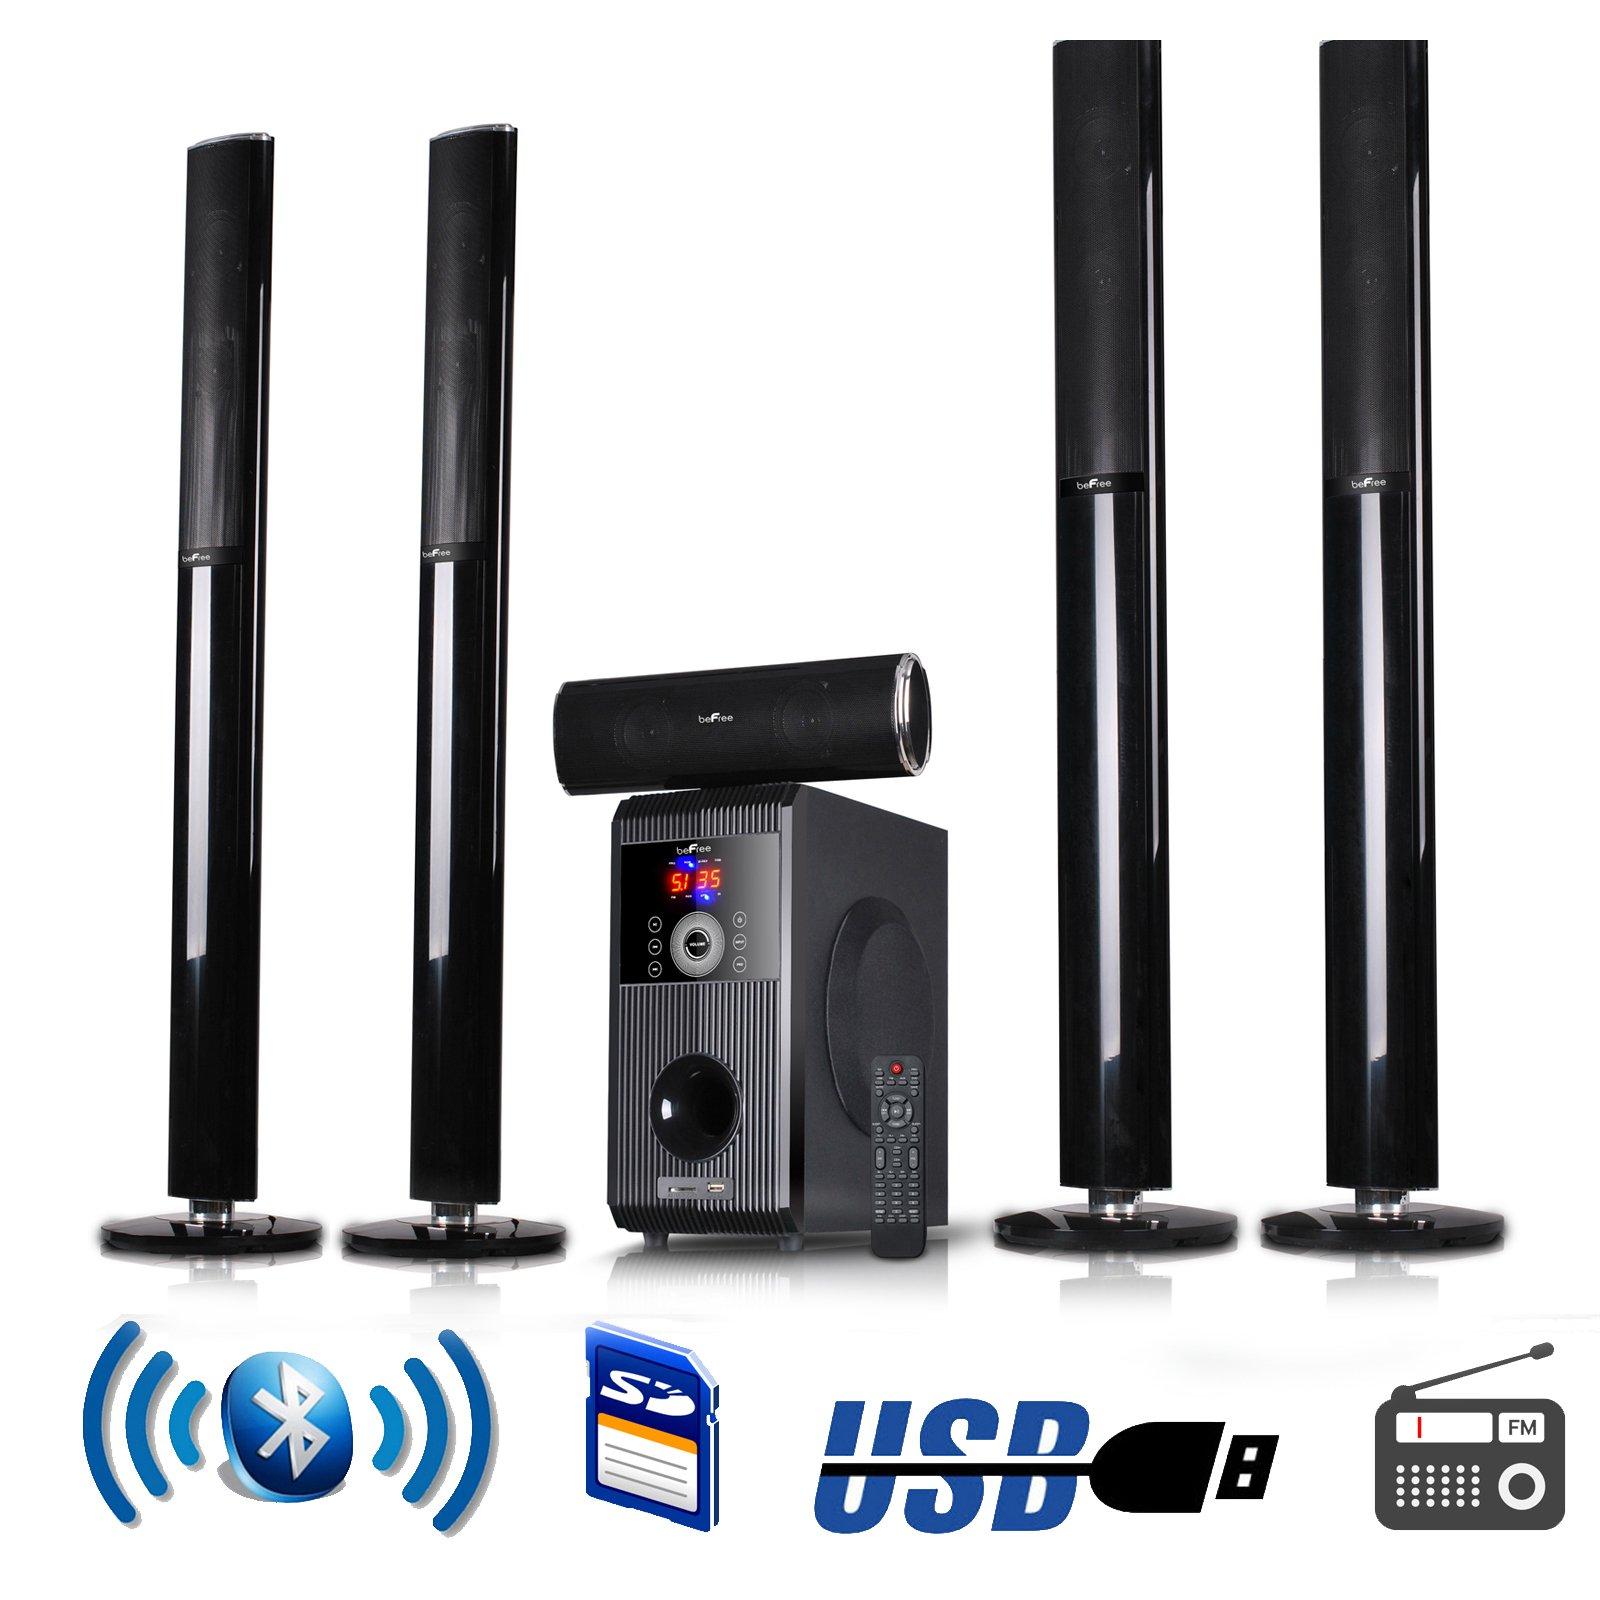 beFree Sound 5.1 Channel Surround Sound Bluetooth Speaker System - 1 Year Direct Manufacturer Warranty